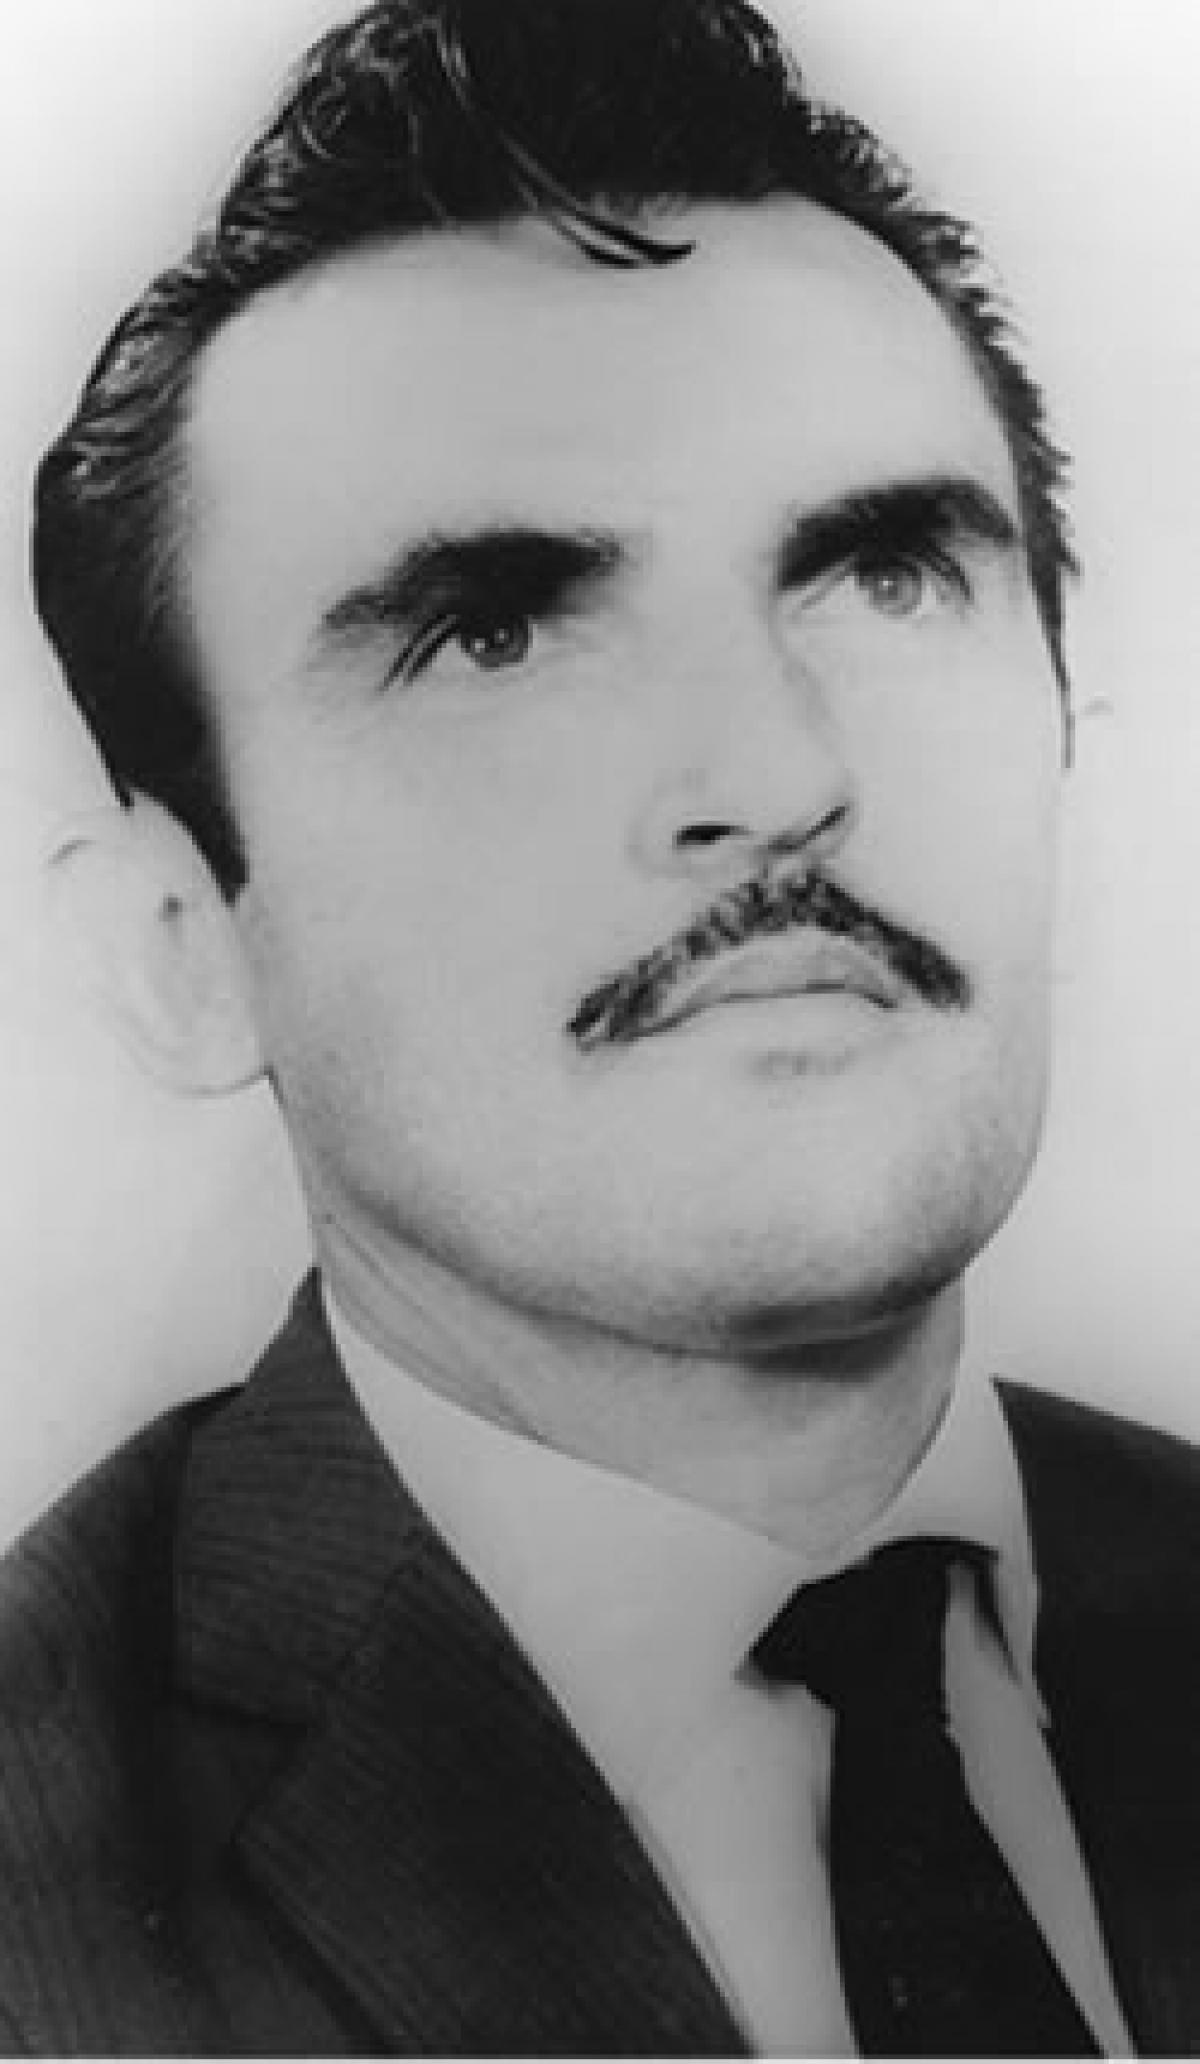 José Felício de Souza